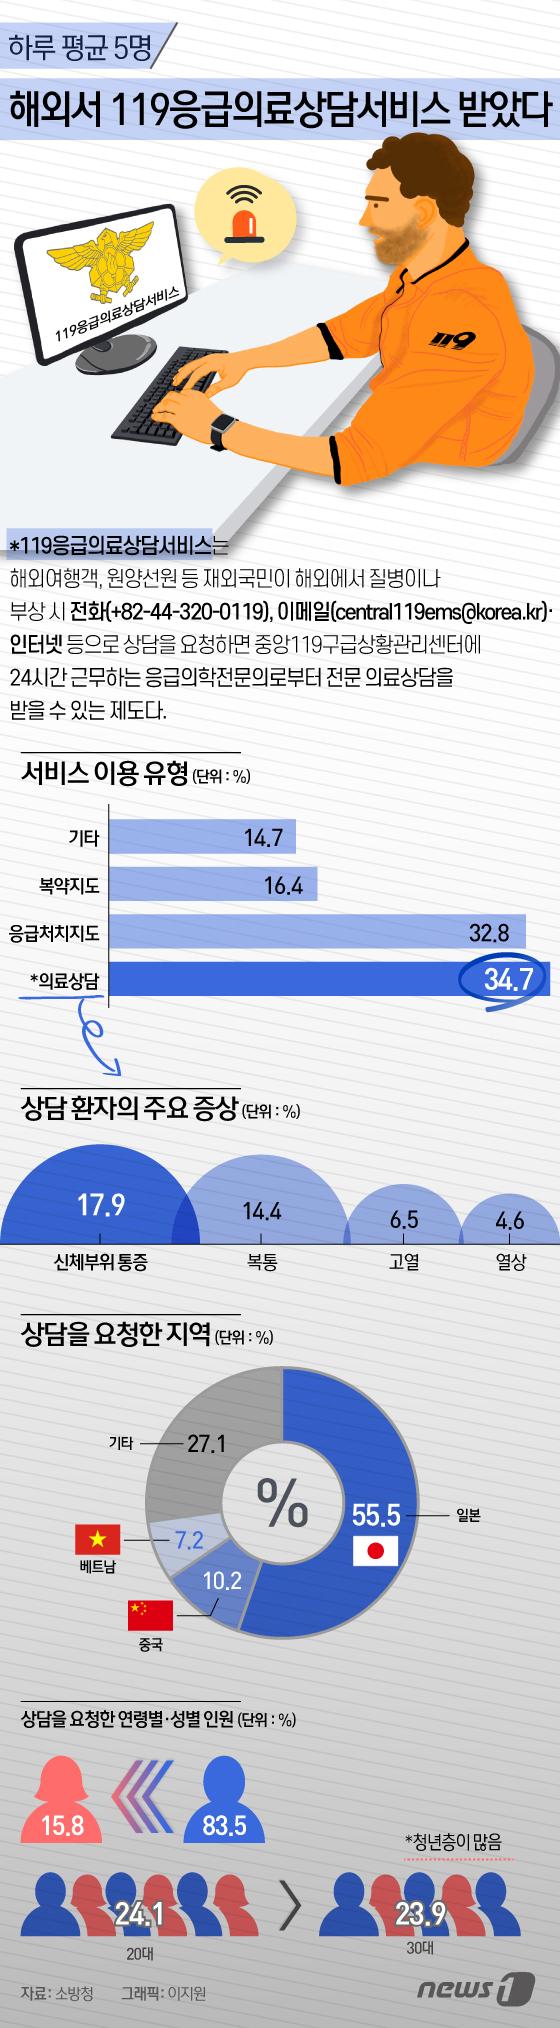 [그래픽뉴스] 하루 평균 5명, 해외서 119응급의료상담서비스 받았다